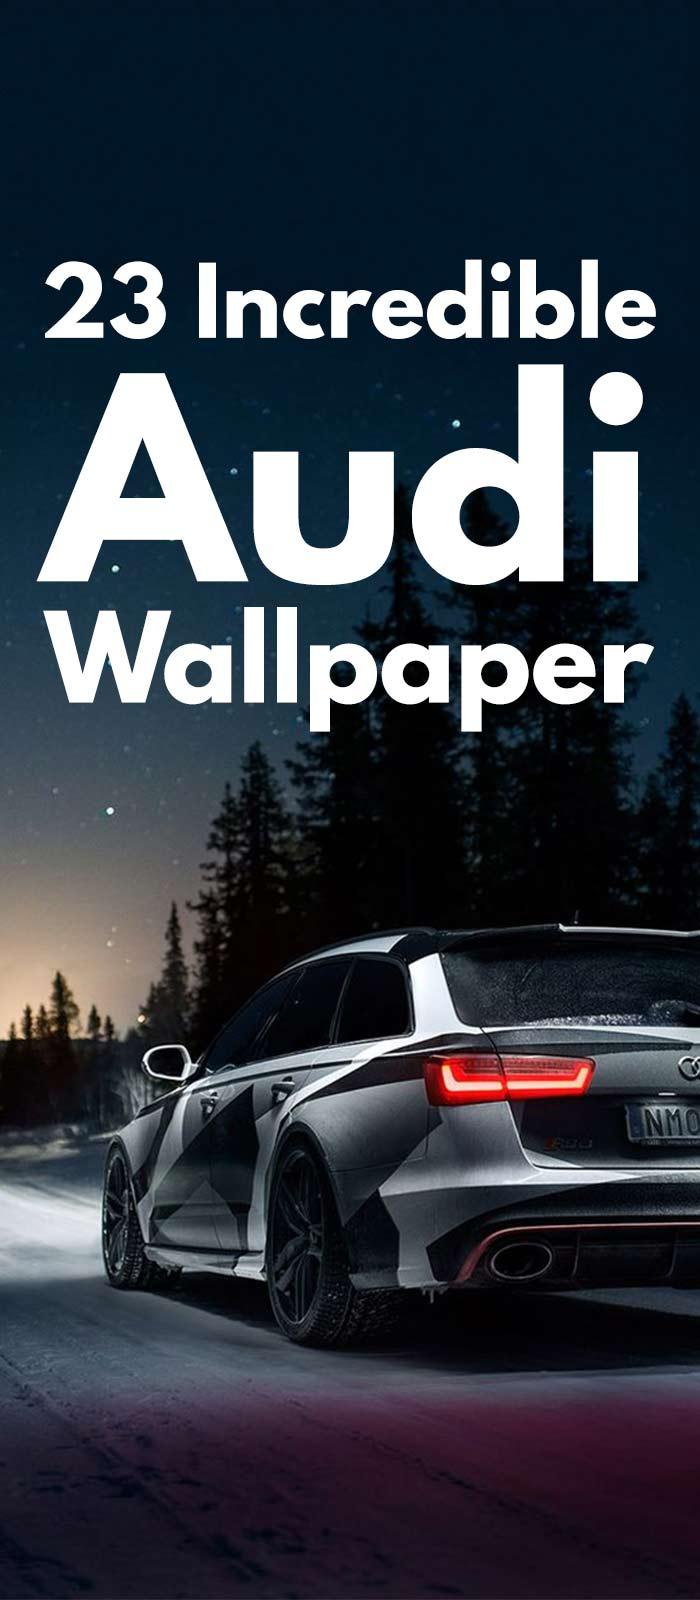 23 Incredible Audi Cars Wallpaper Images!